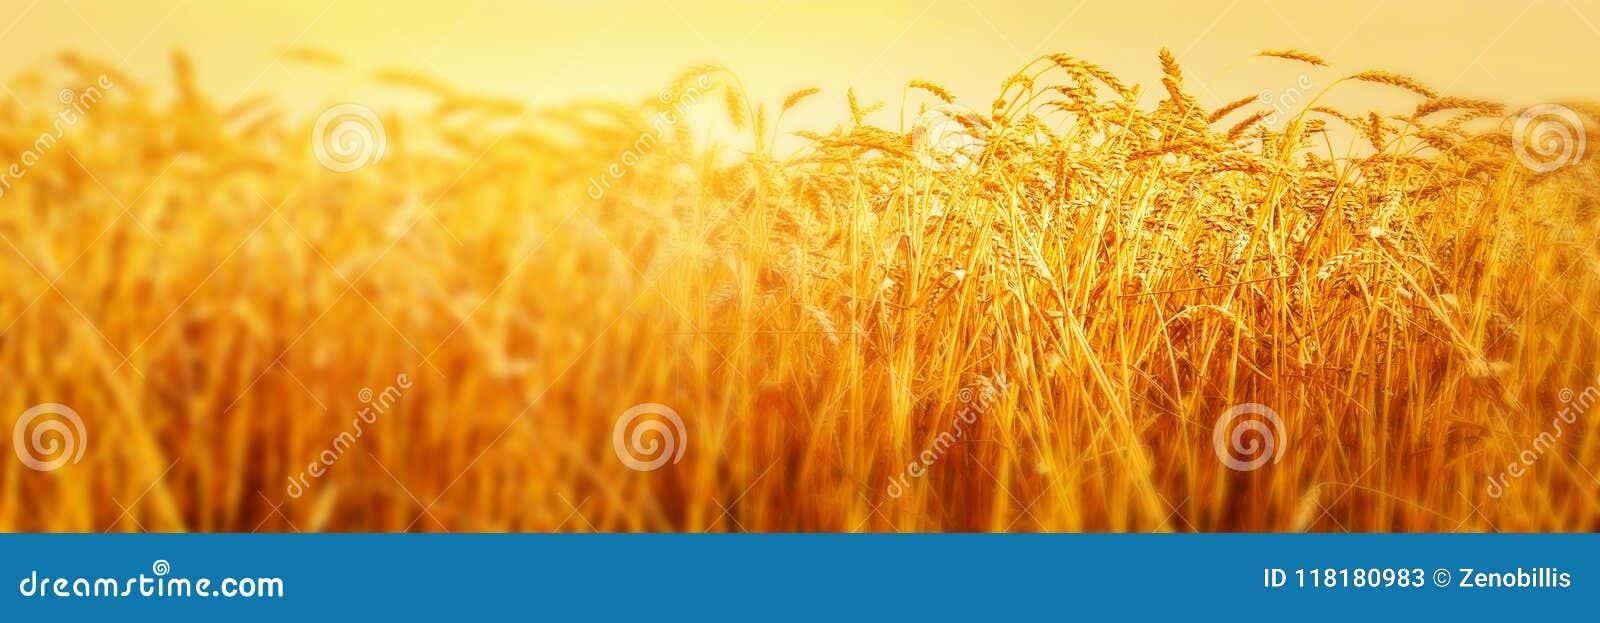 麦子的成熟耳朵在领域的在收获关闭期间 农业夏天风景 农村场面 全景的图象